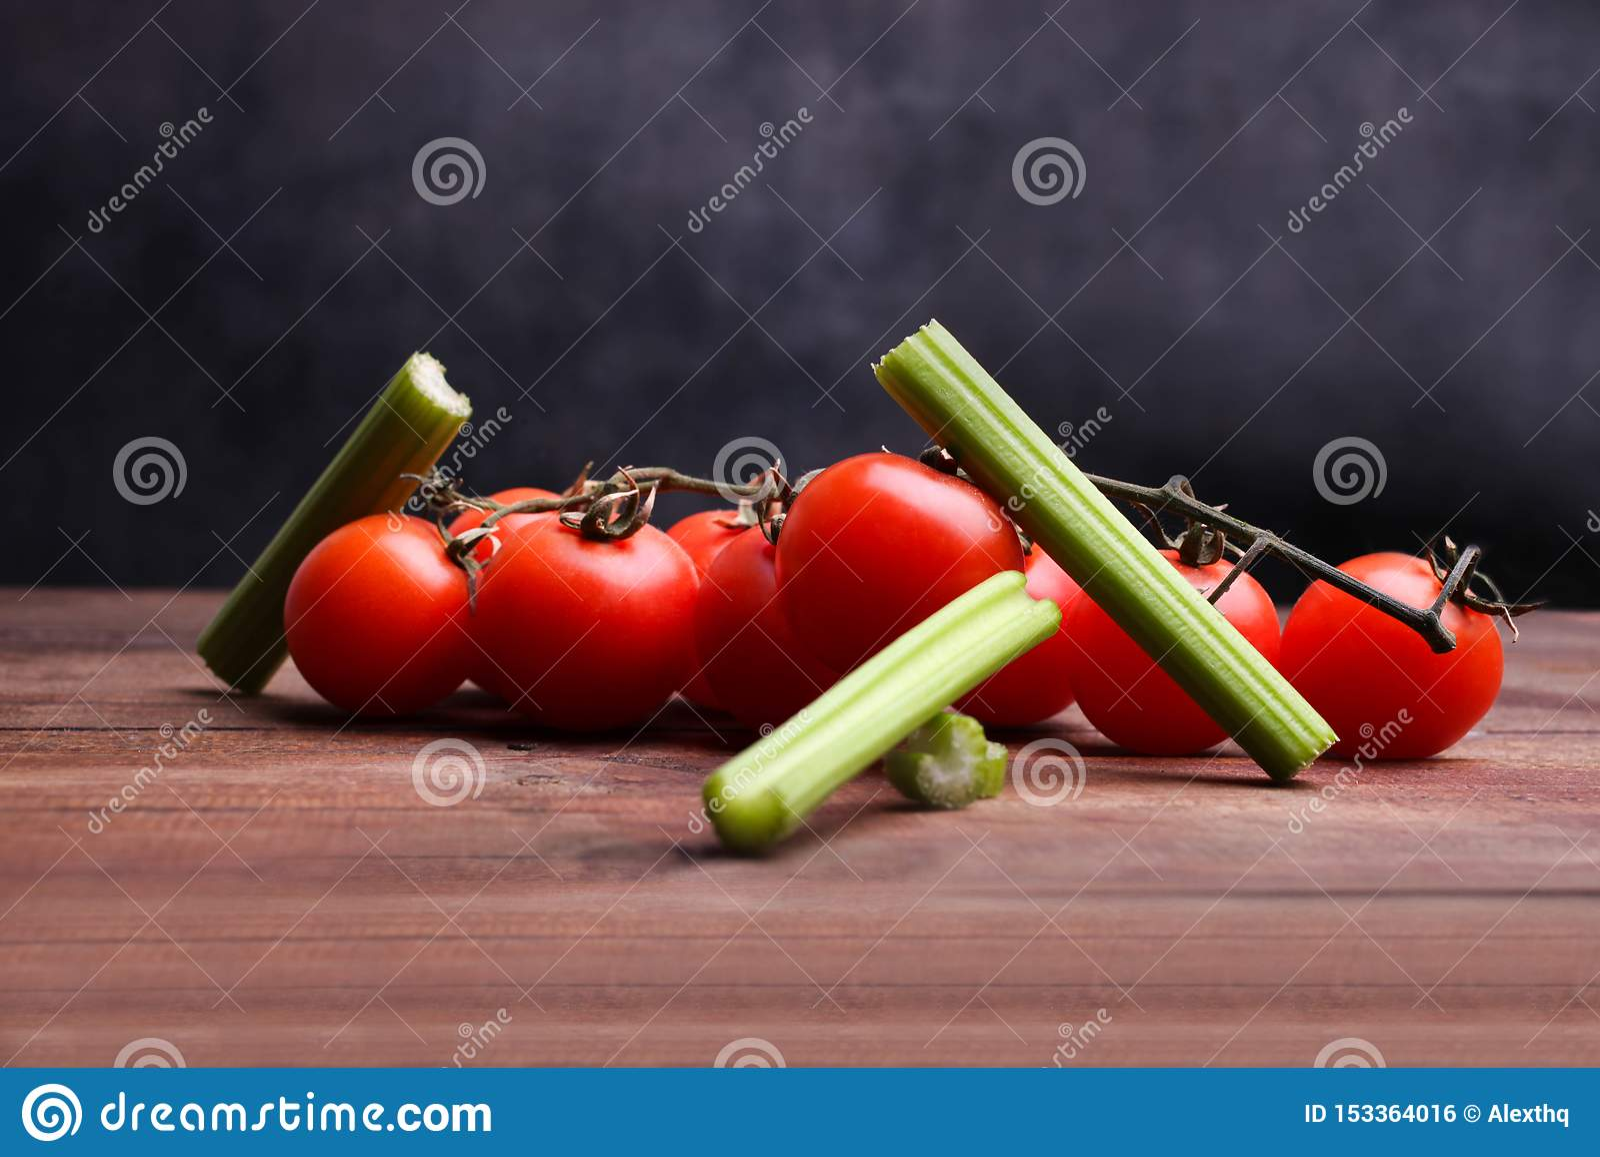 Tomate cortado del apio y de cereza